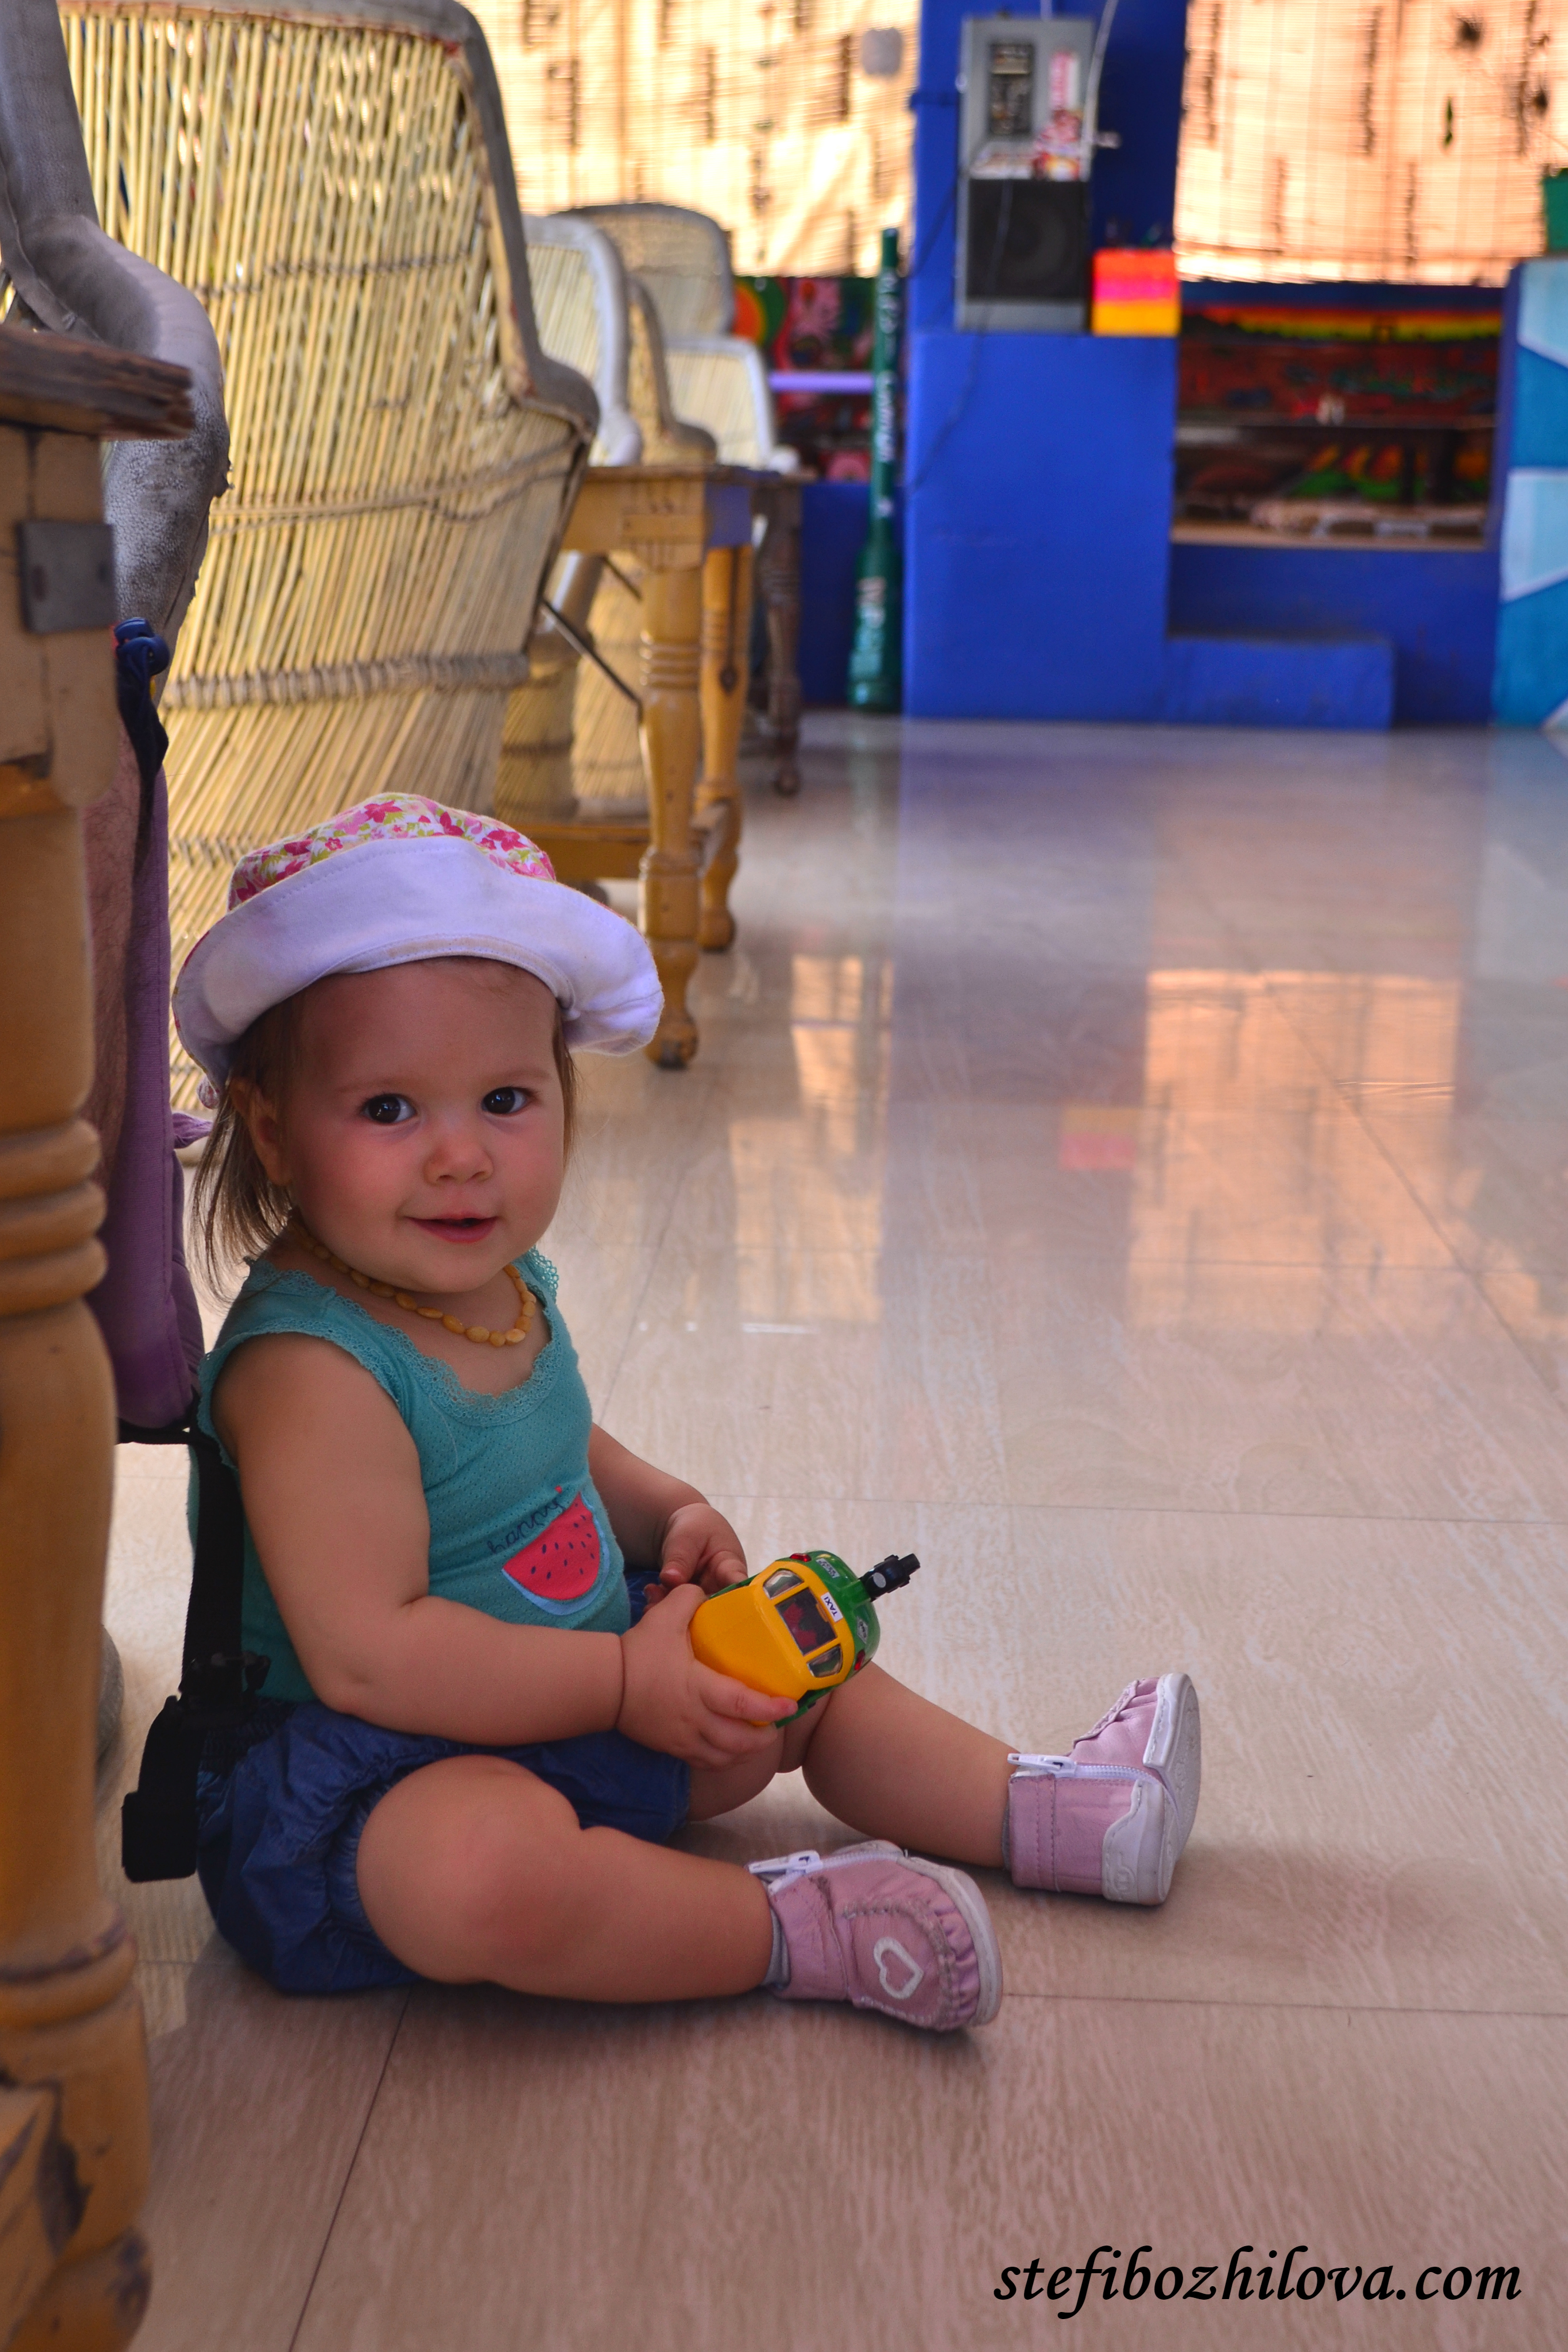 Купихме на Лея нова играчка - рикша тук тук. Все пак след толкова возене на рикши, редно е да си занесе този спомен в България :-)